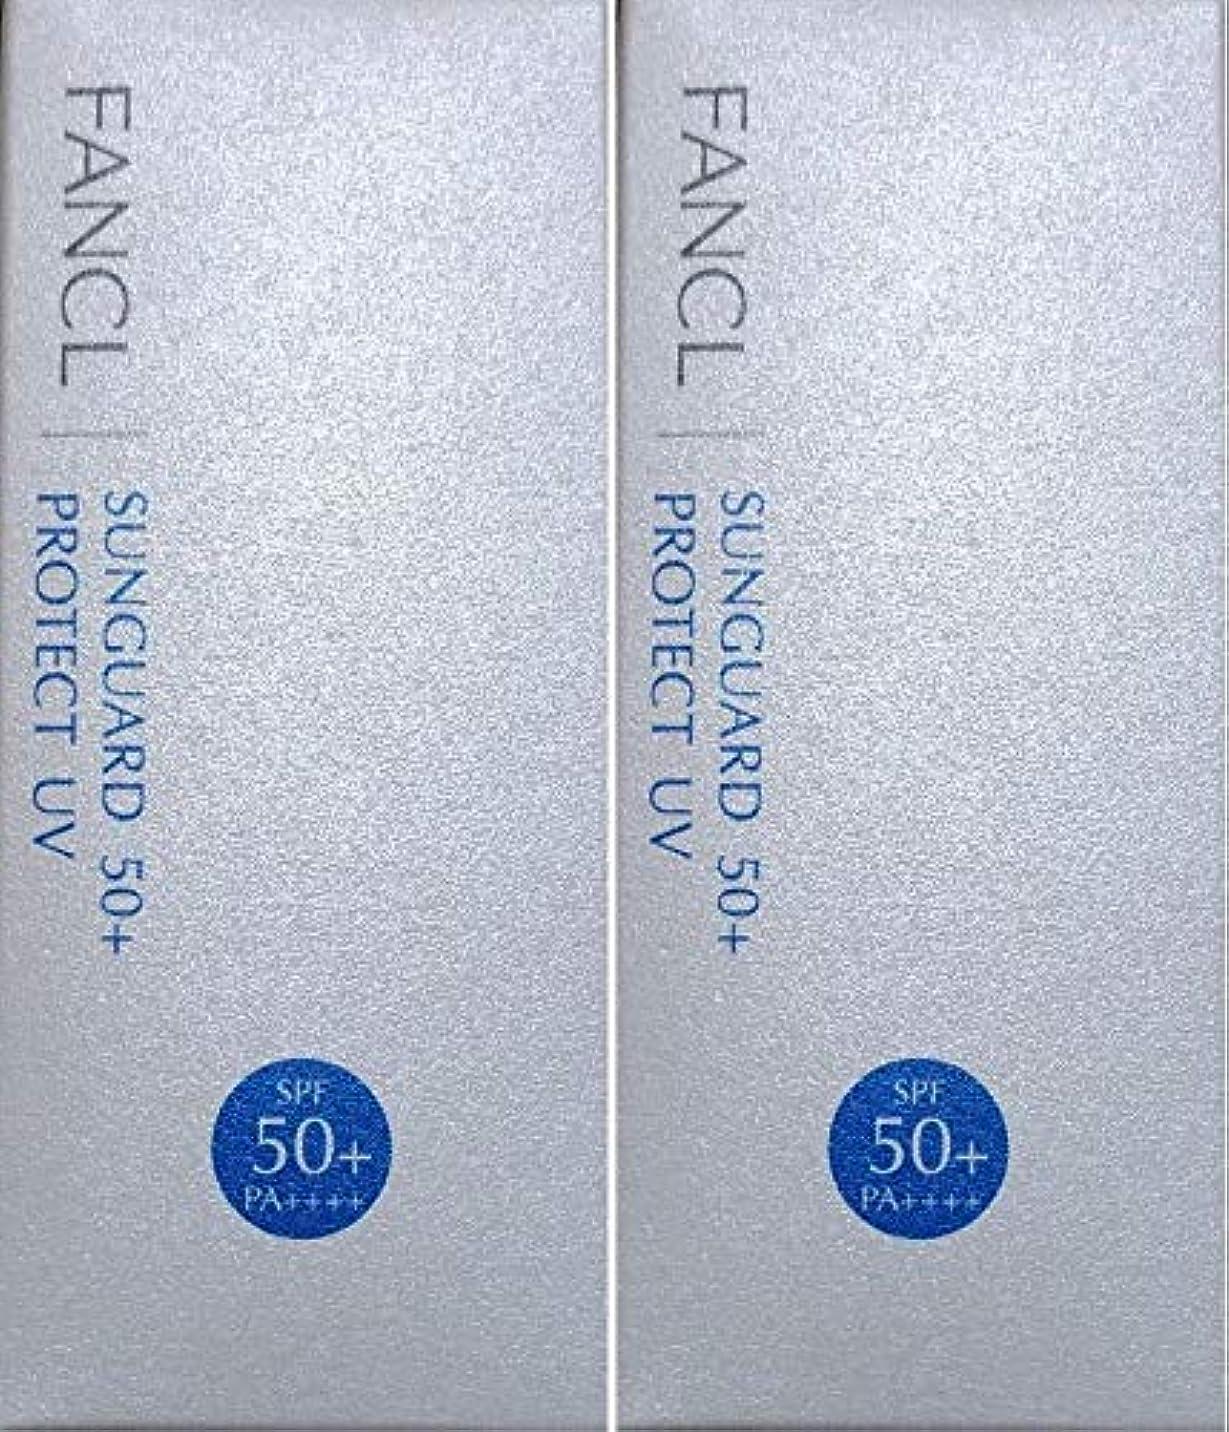 場所ガラス国民投票ファンケル(FANCL) サンガード50+ プロテクトUV (SPF50+?PA++++)60mL ×2箱セット